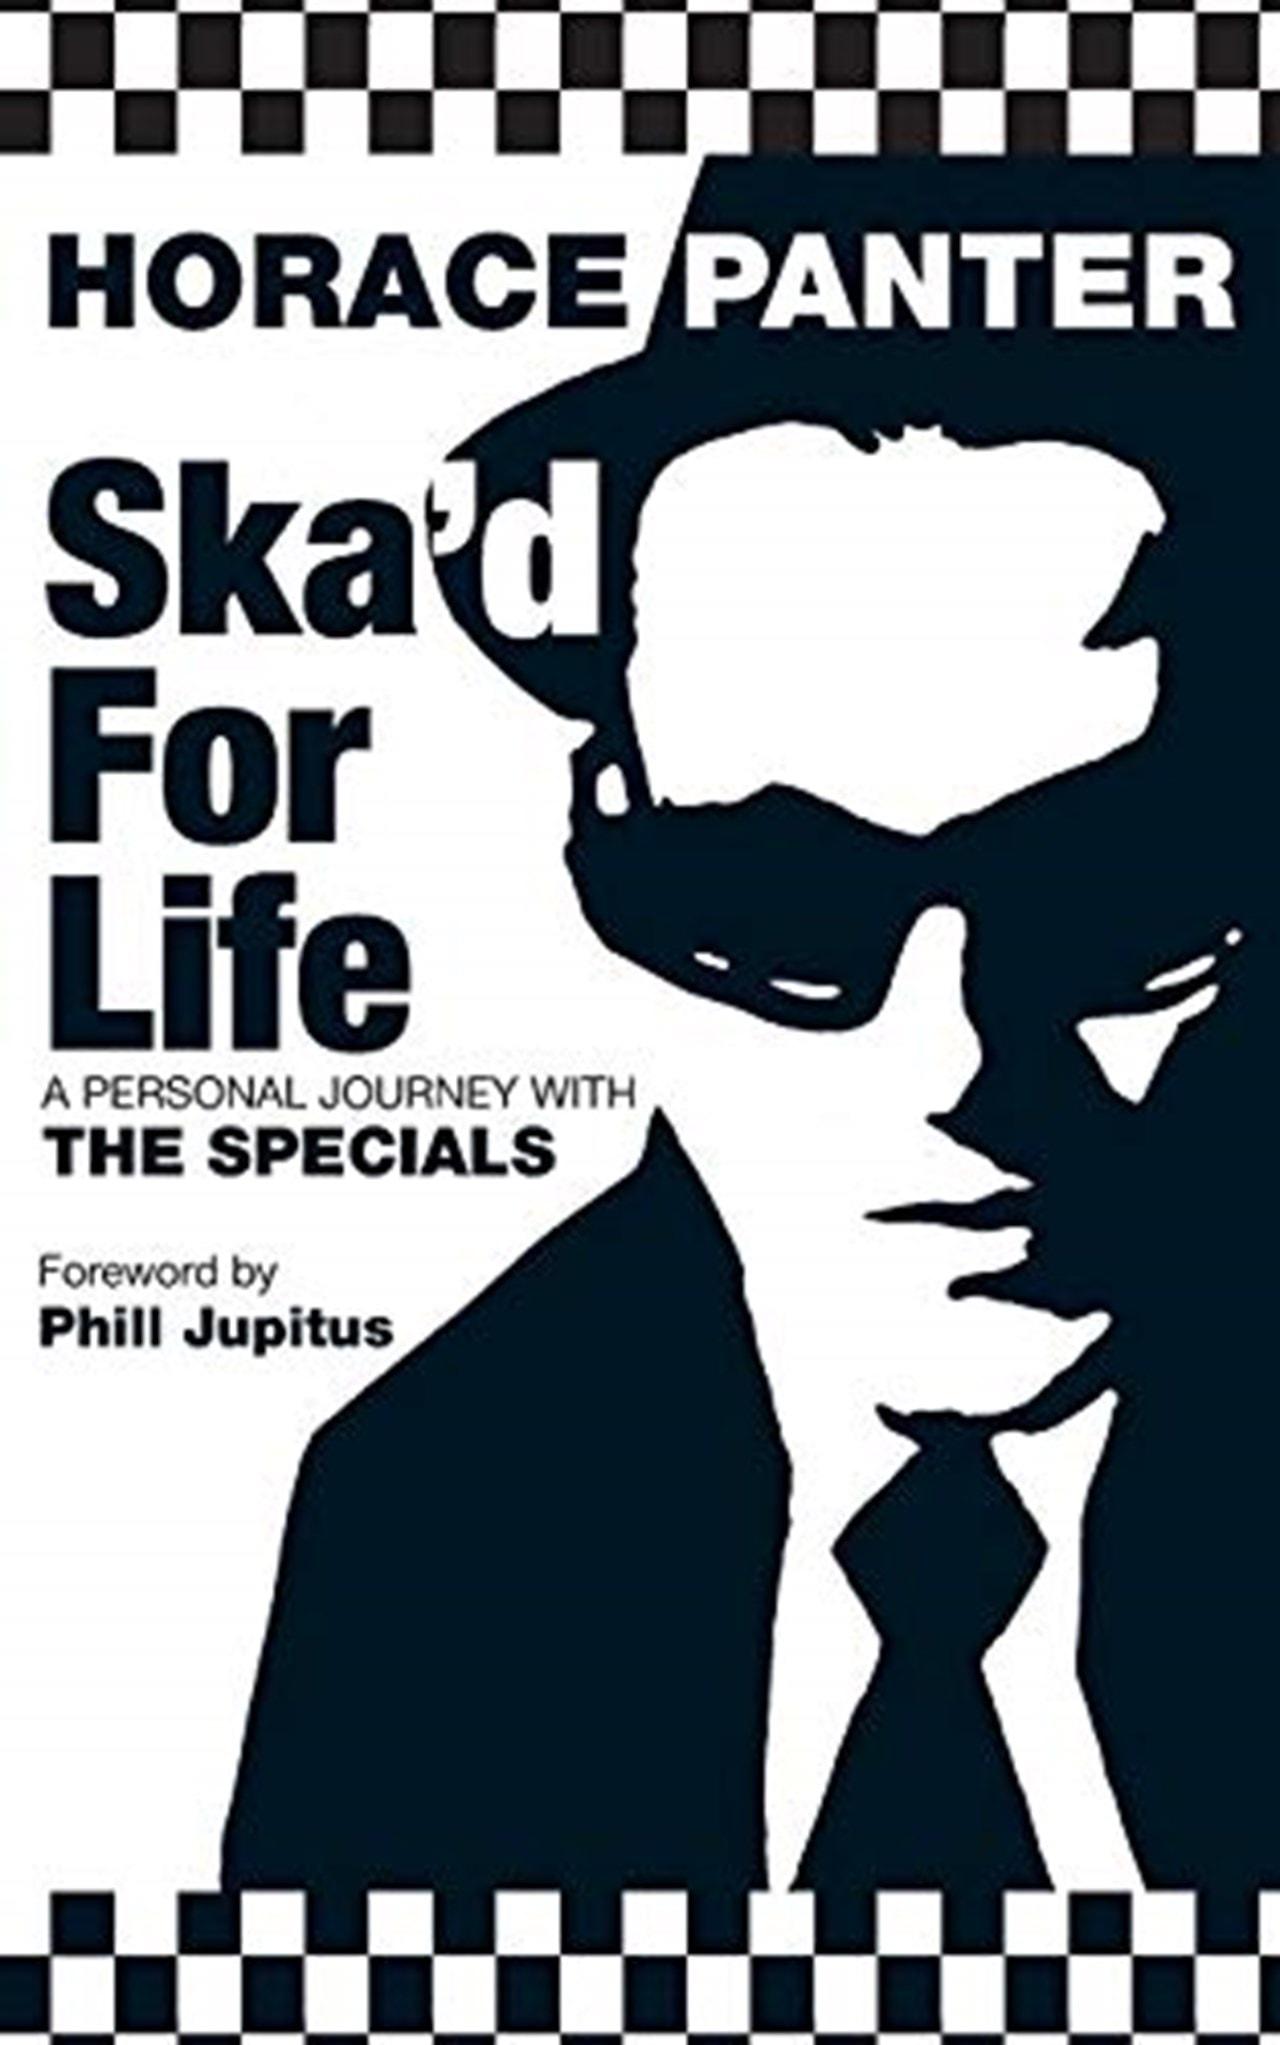 Ska'd For Life - 1